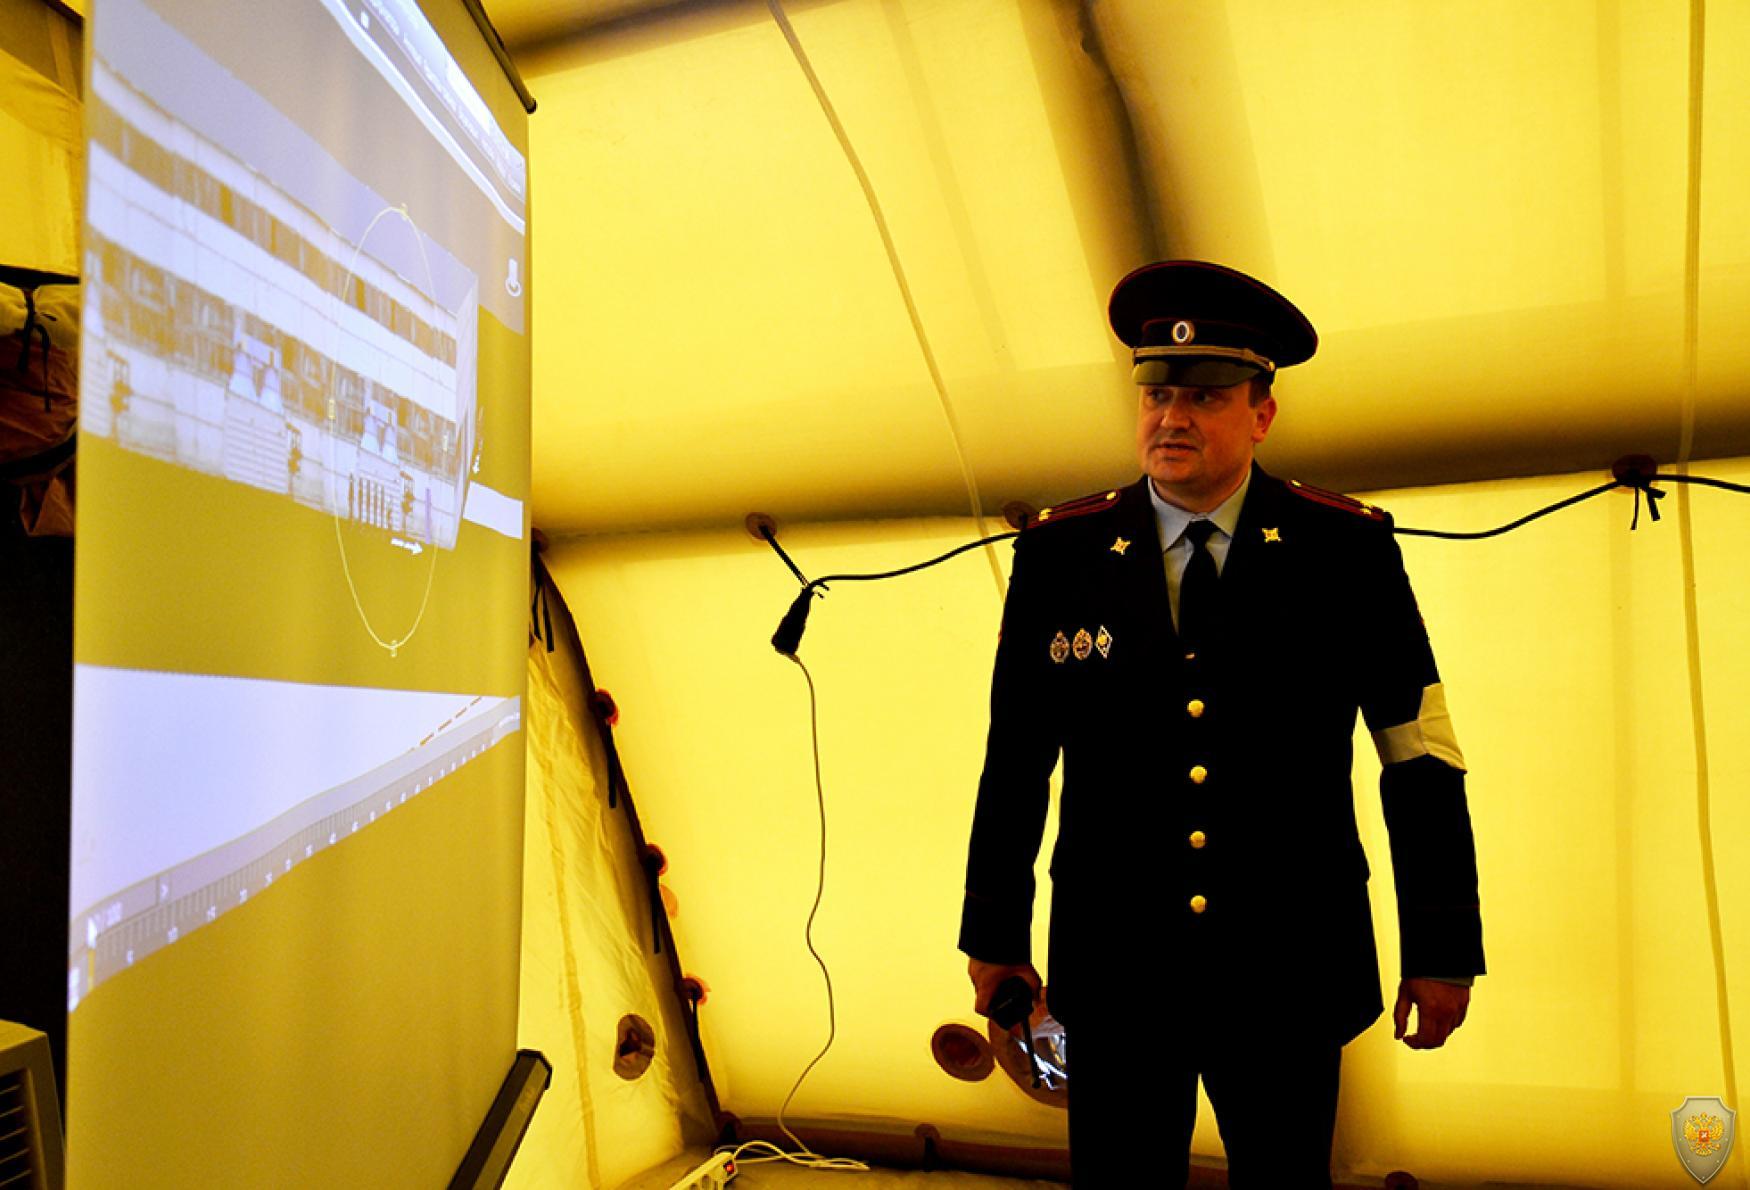 Доклад руководителя оперативной группы в Первомайском районе  об оперативной обстановке и выполнении первоочередных мер